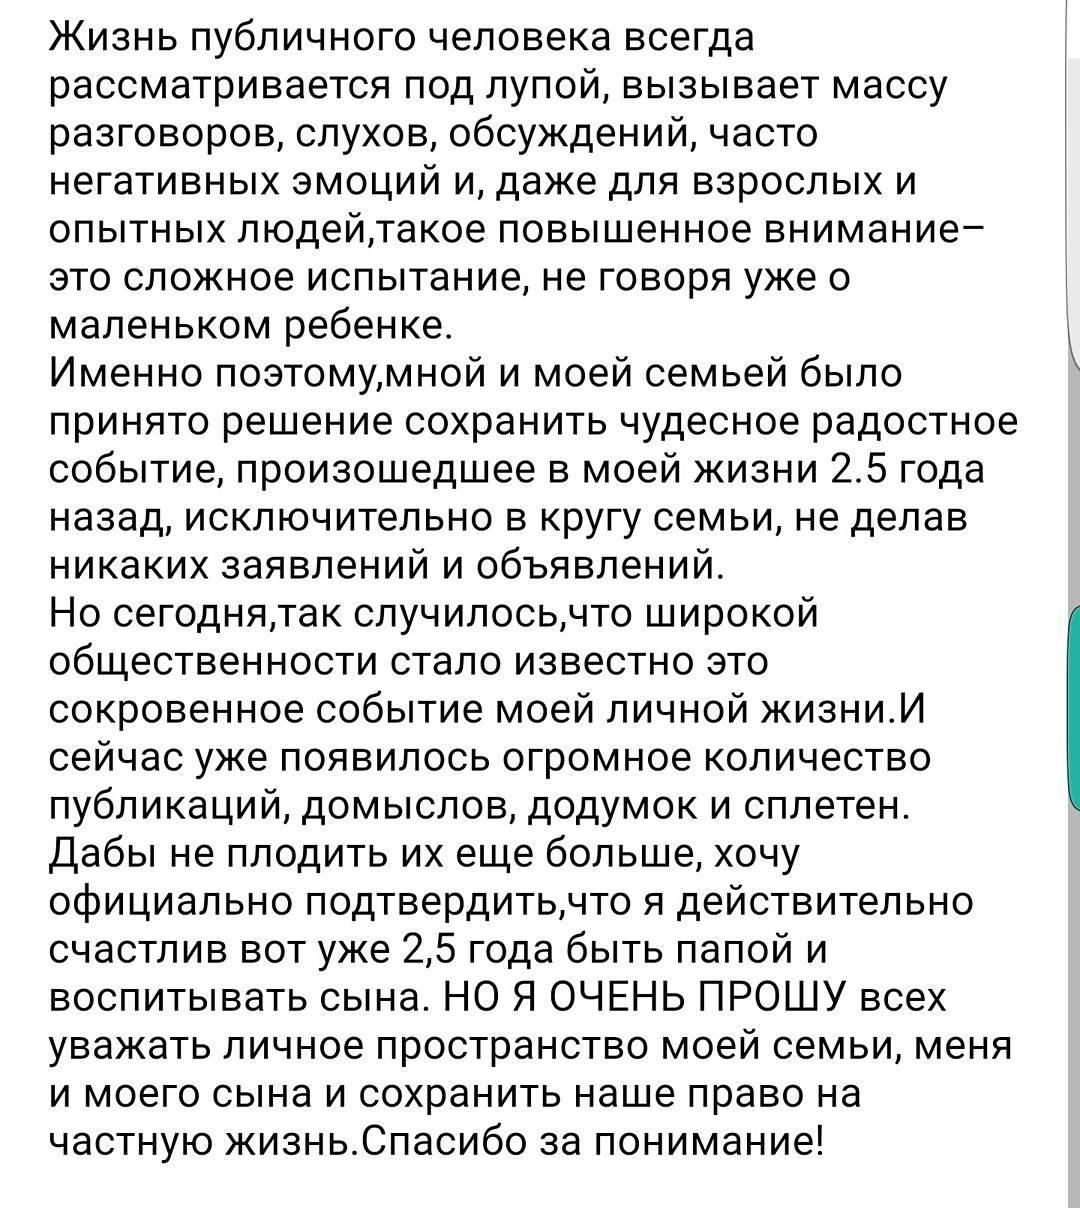 Сергей сделал пост в Инстаграме, чтобы утихомирить бурю сплетен и слухов